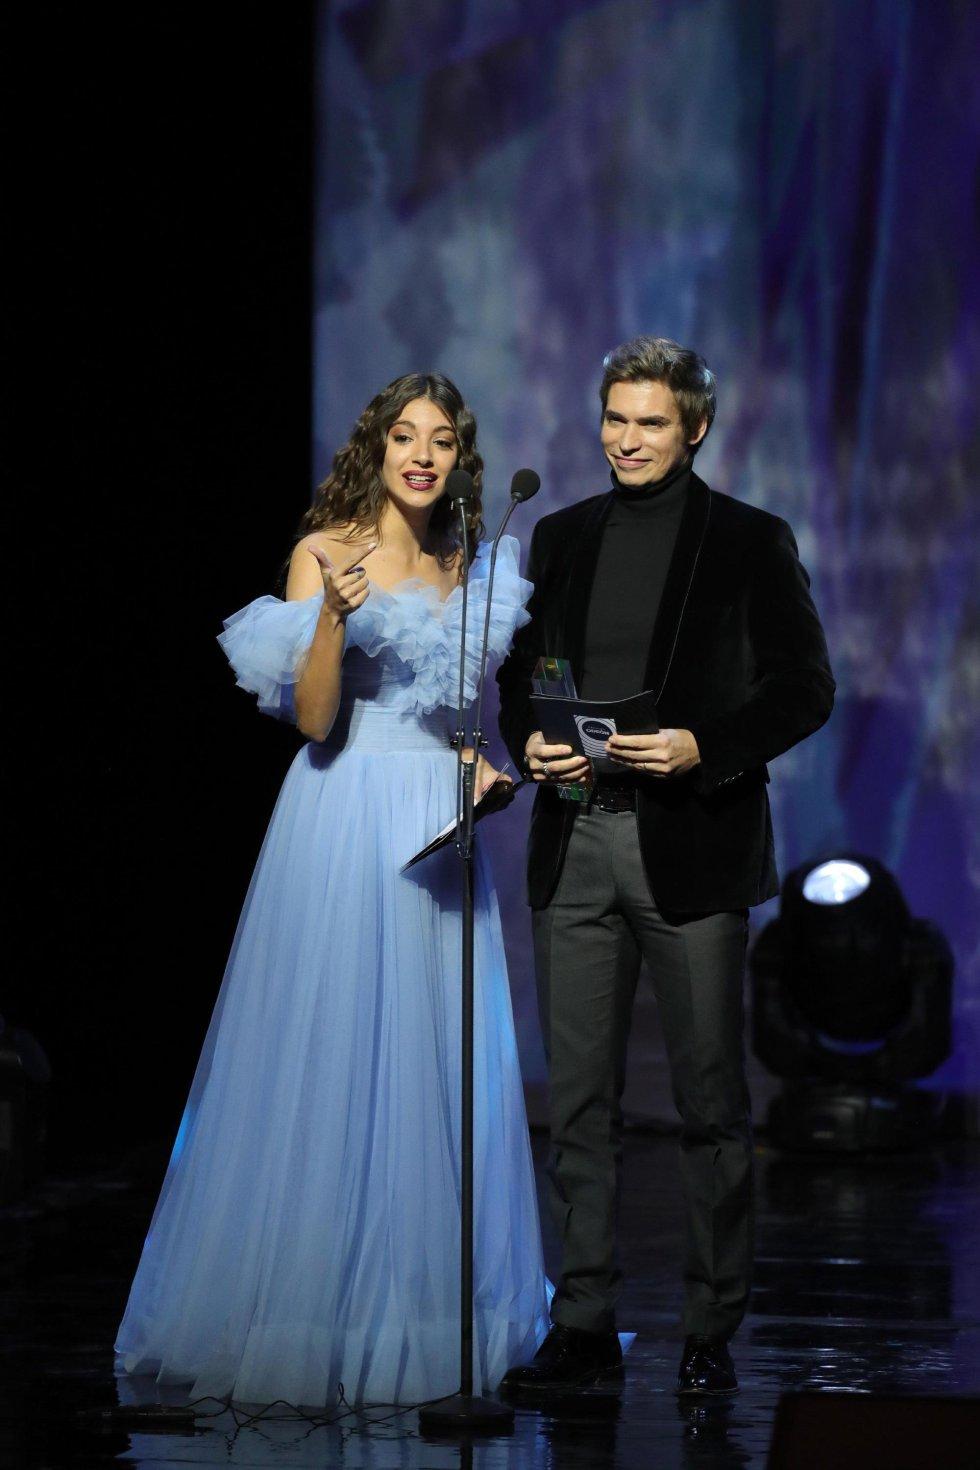 La cantante Ana Guerra y el cantante venezolano Carlos Baute durante la ceremonia